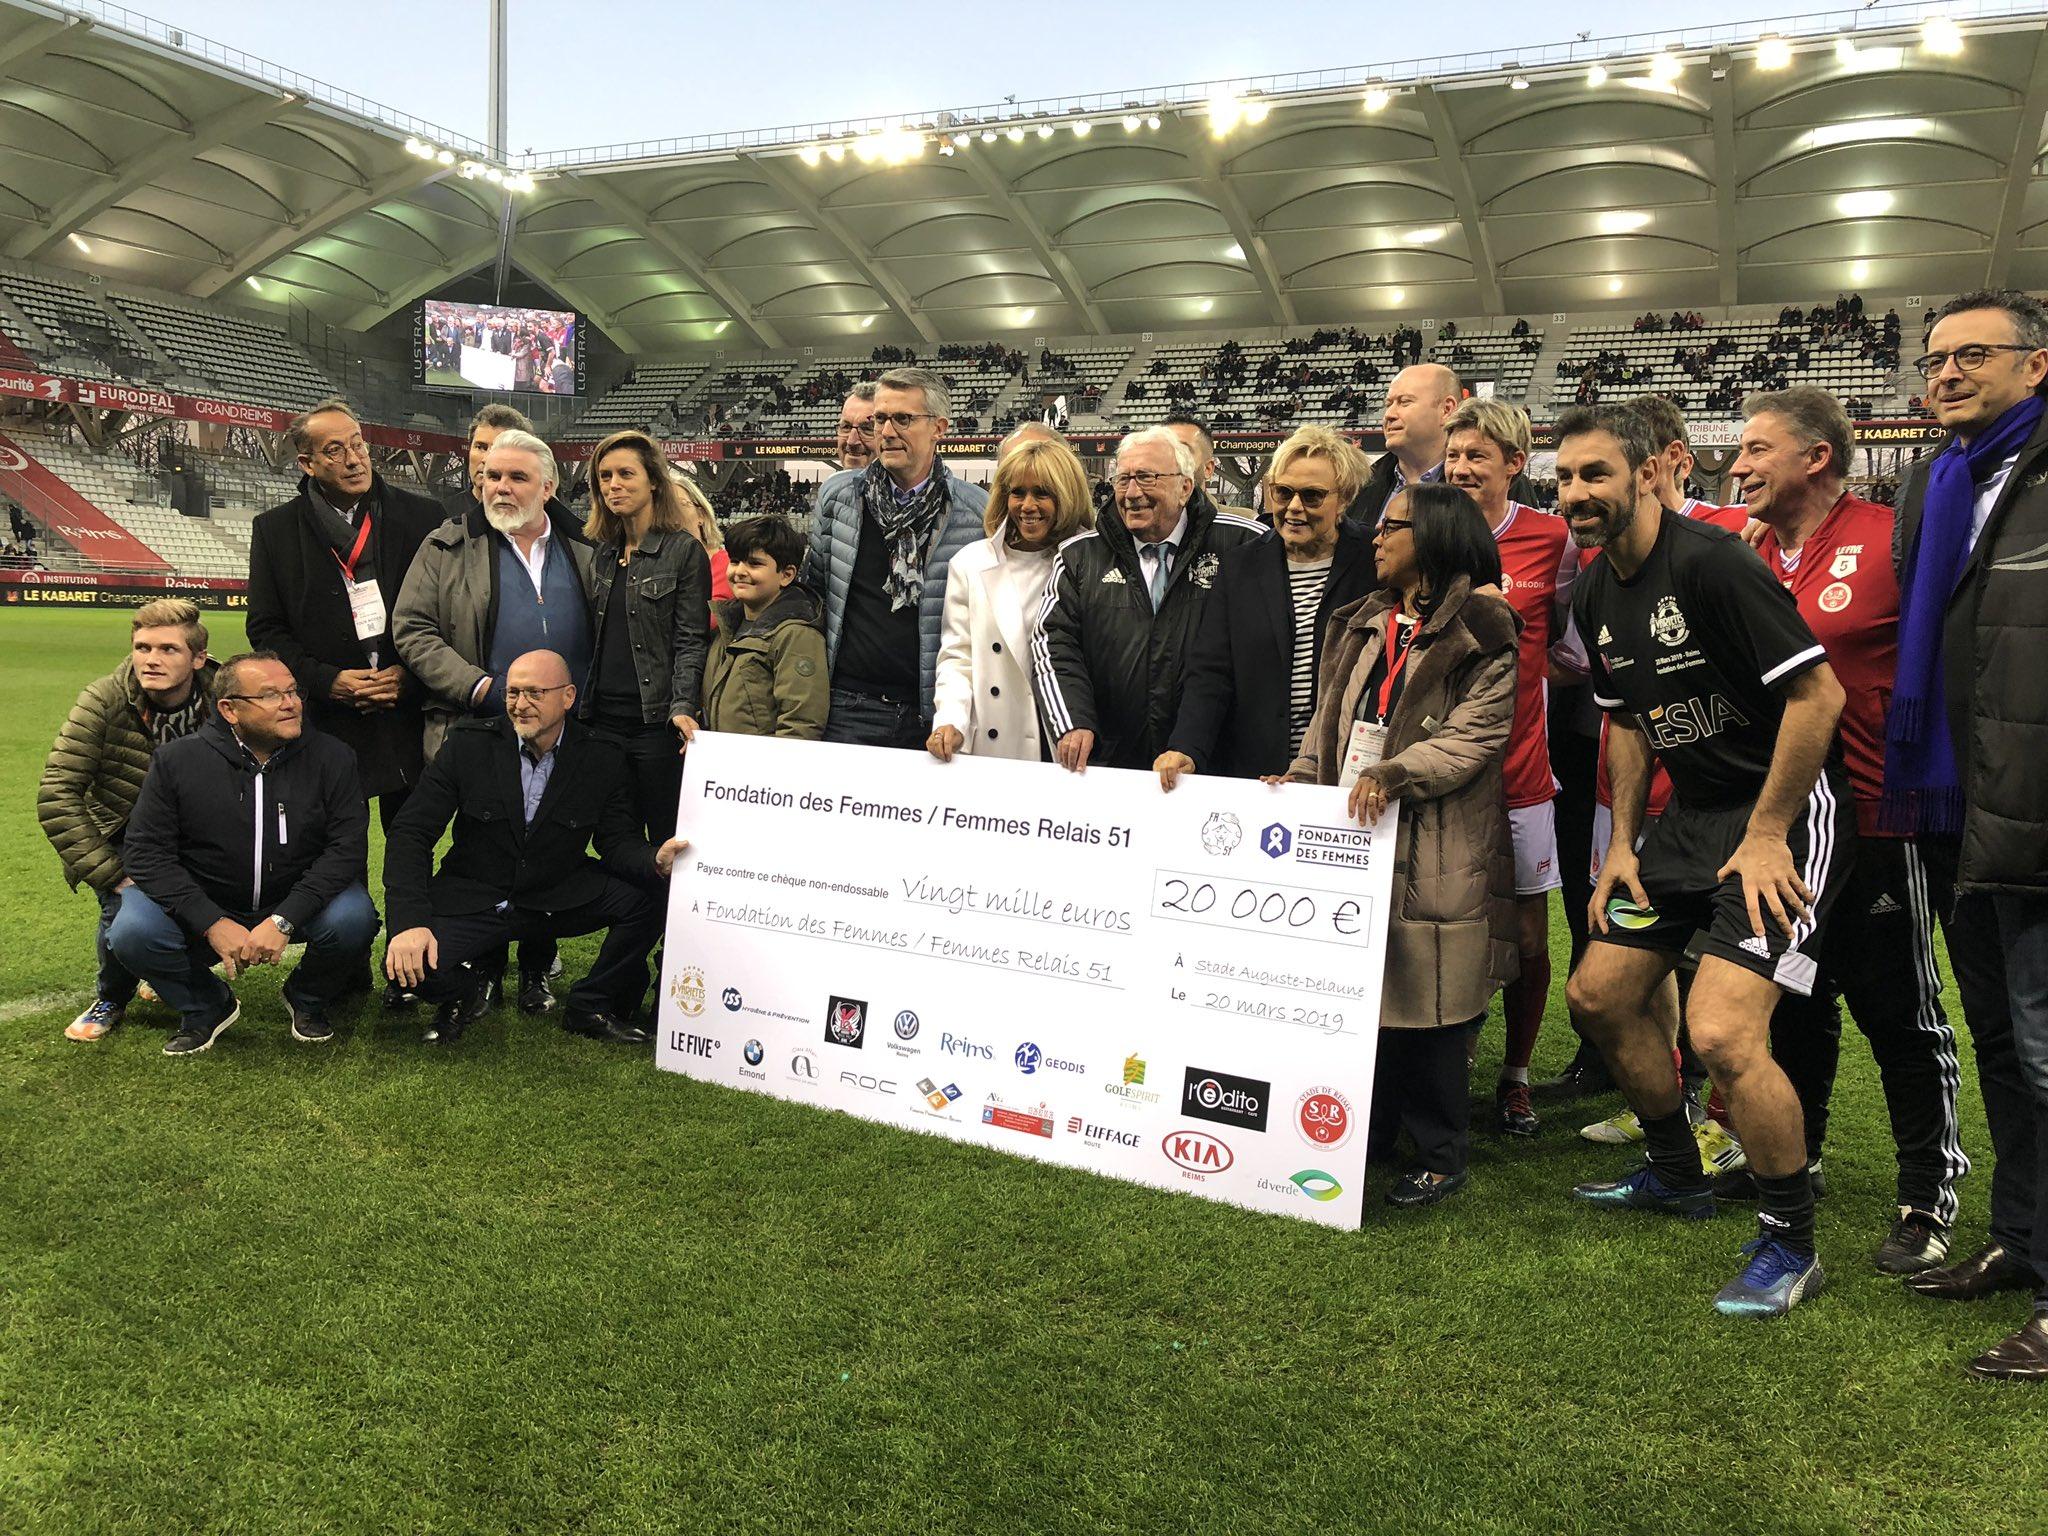 Match de gala Mixte - Les Rémois.e.s gagnent pour une bonne cause, un chèque de 20 000 € remis